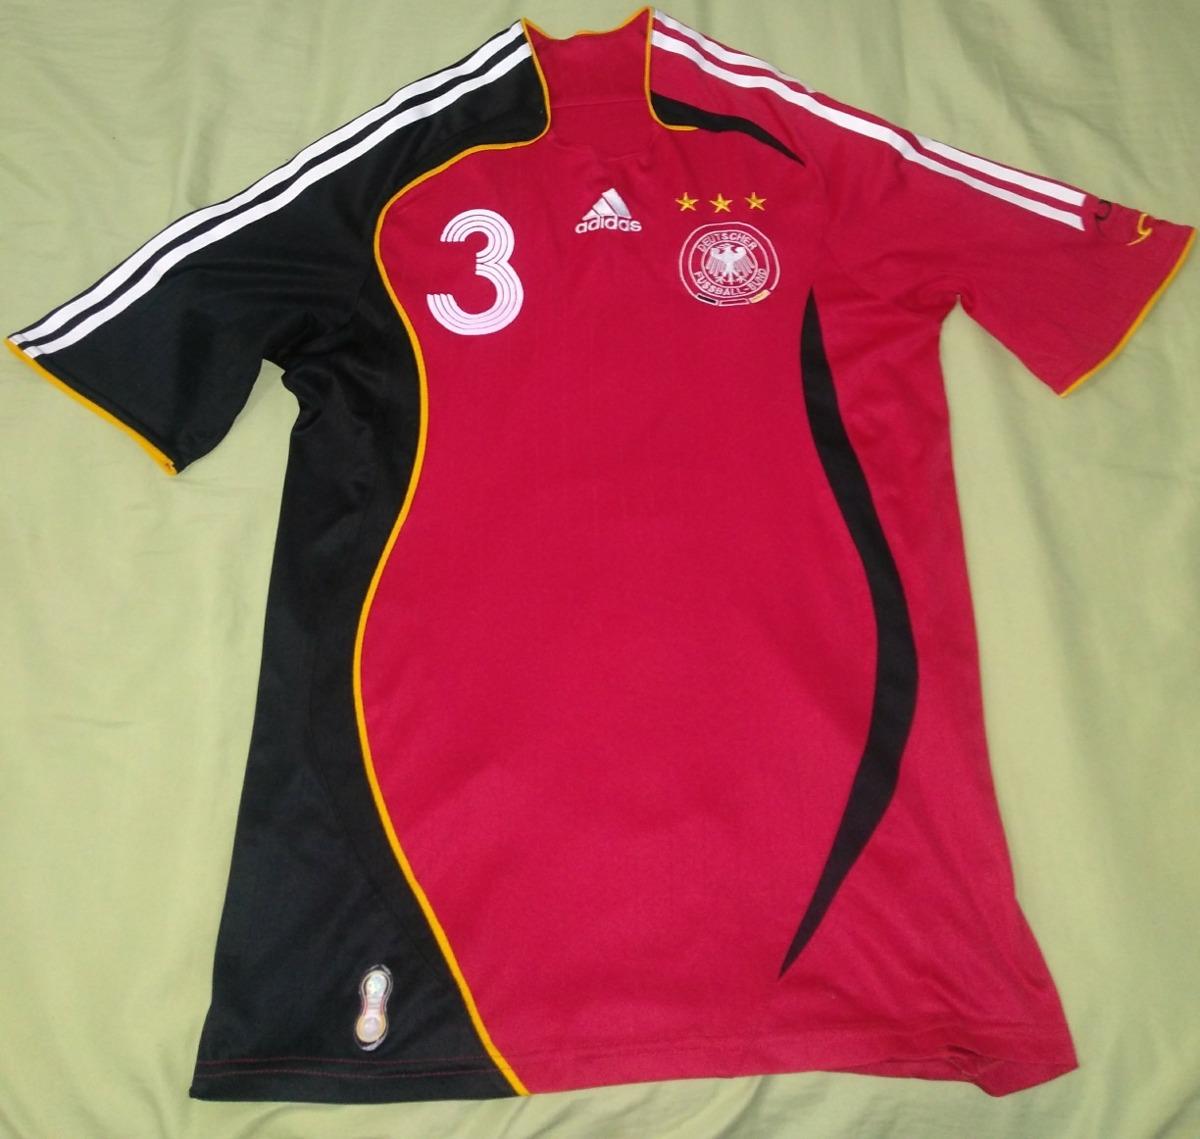 camisa alemanha 2006. Carregando zoom. 623665f58760a